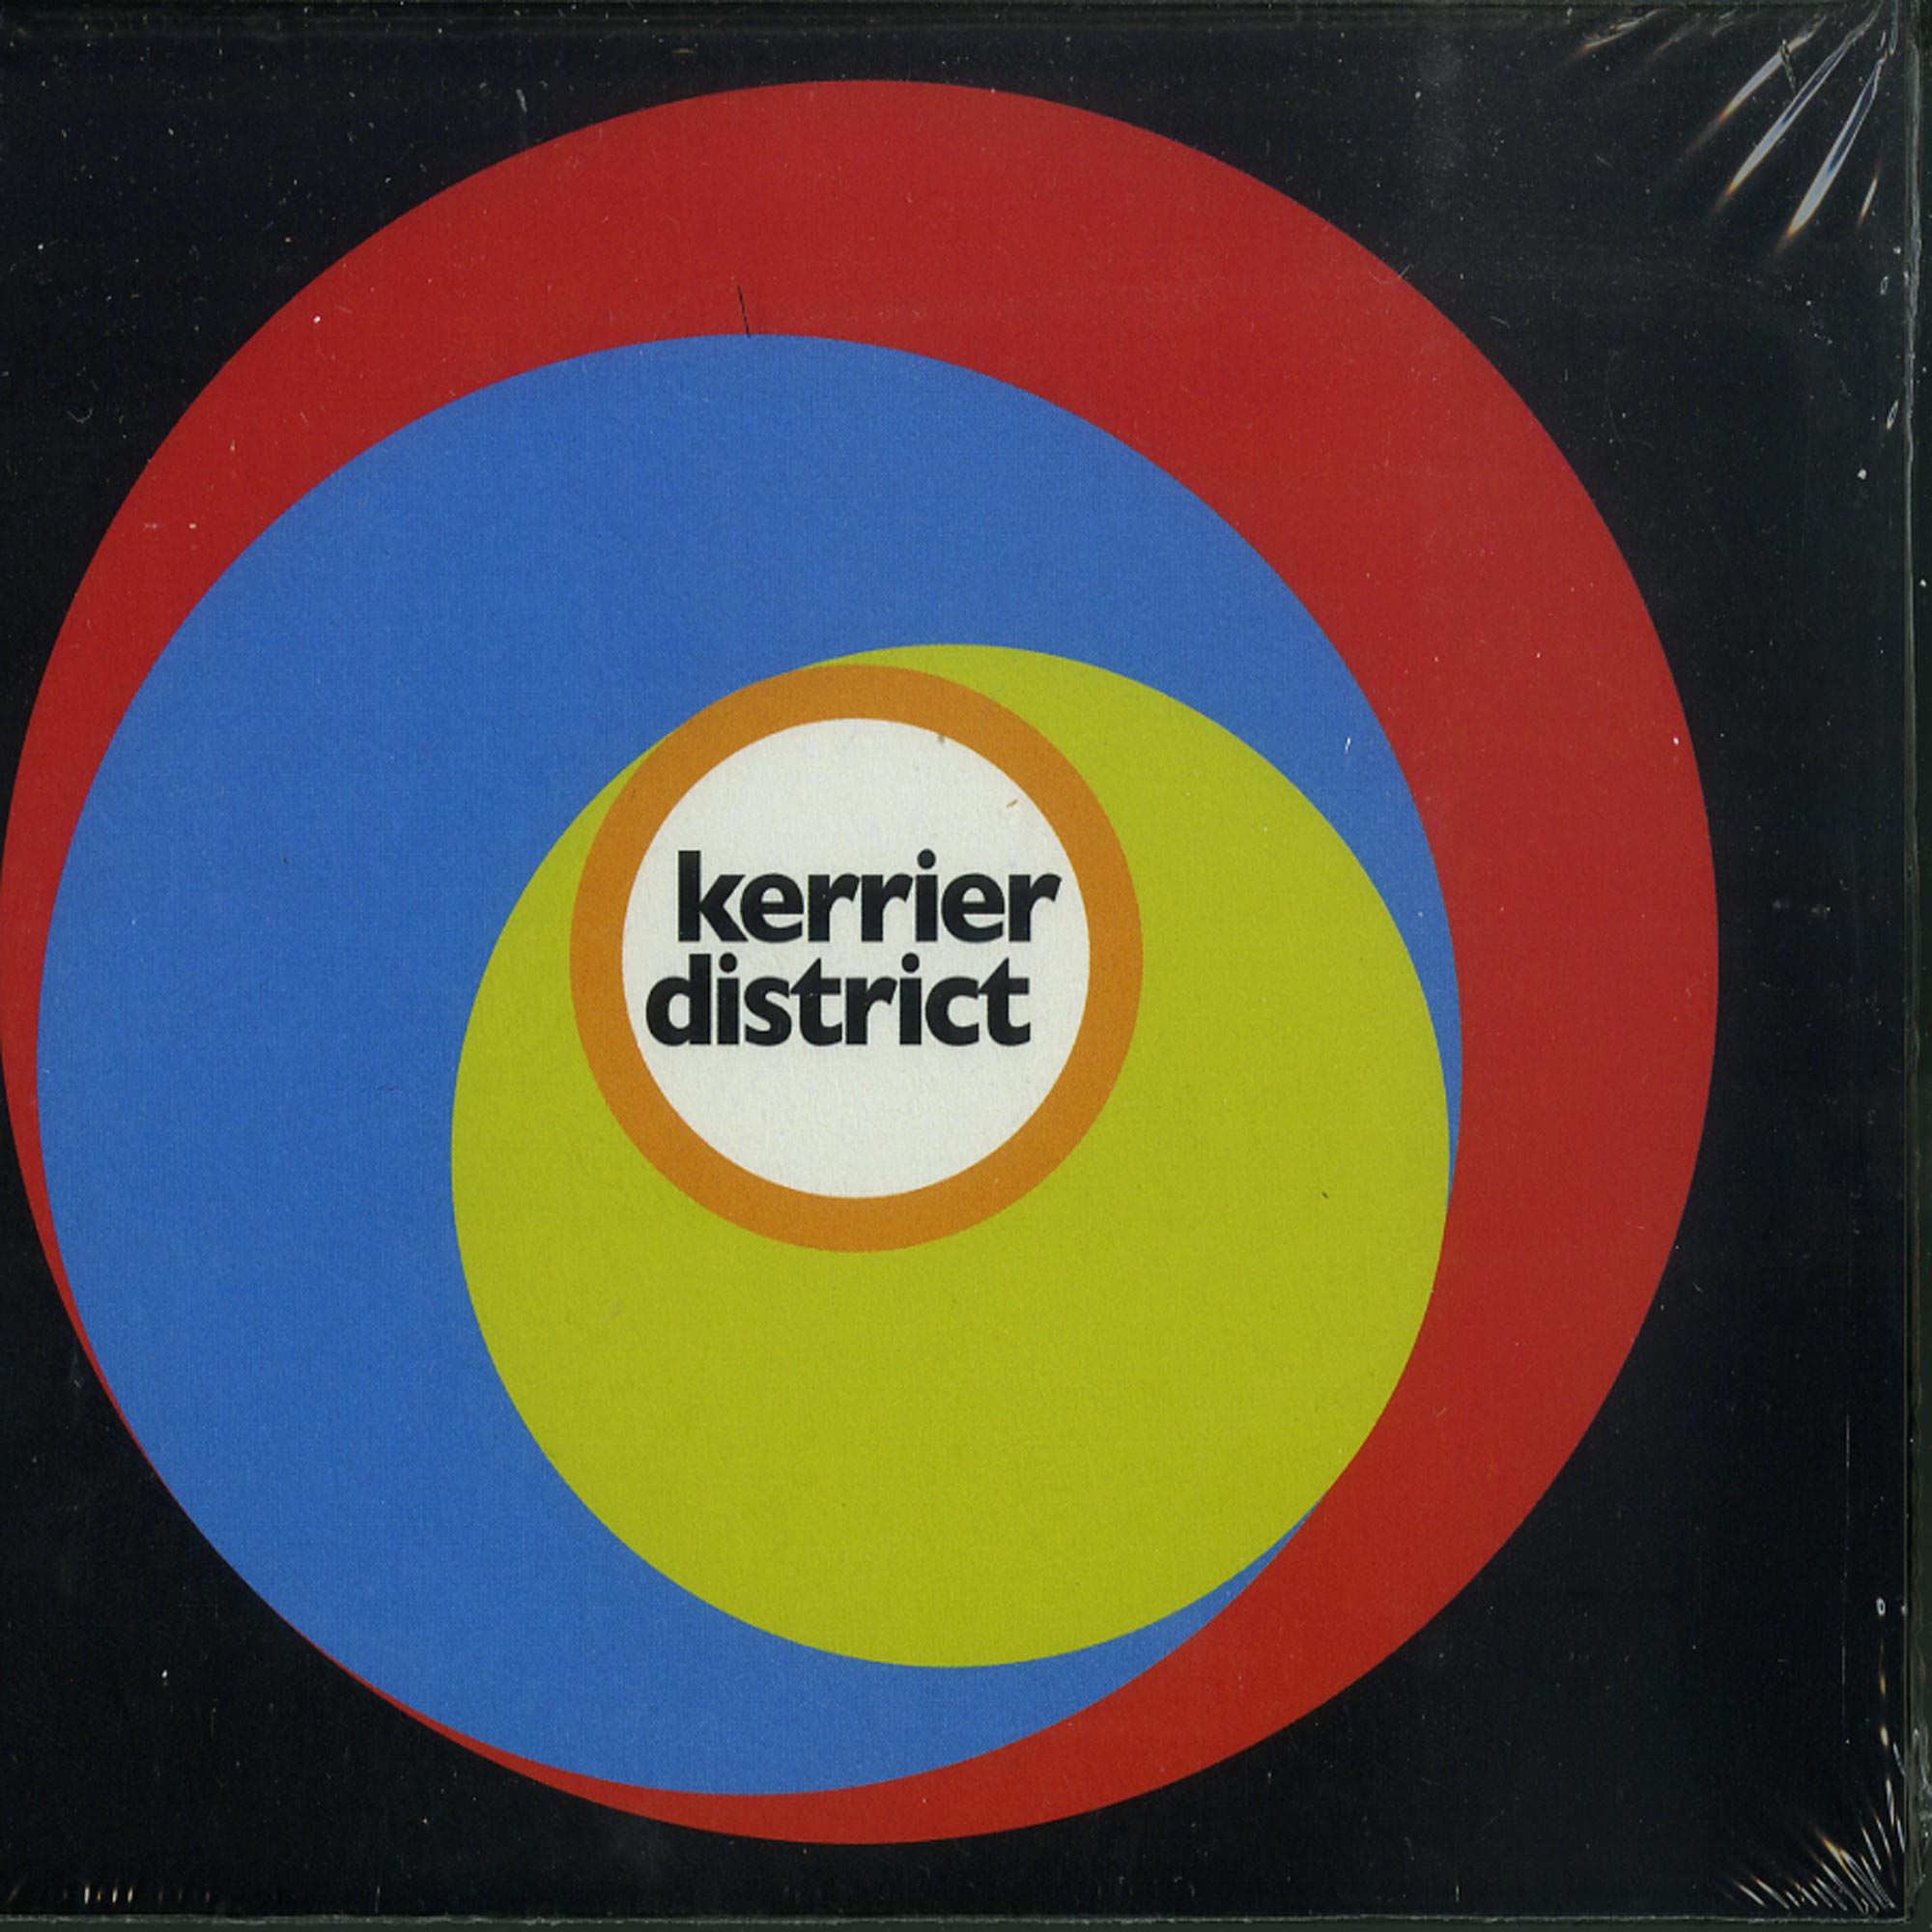 Kerrier District - KERRIER DISTRICT 1 & 2